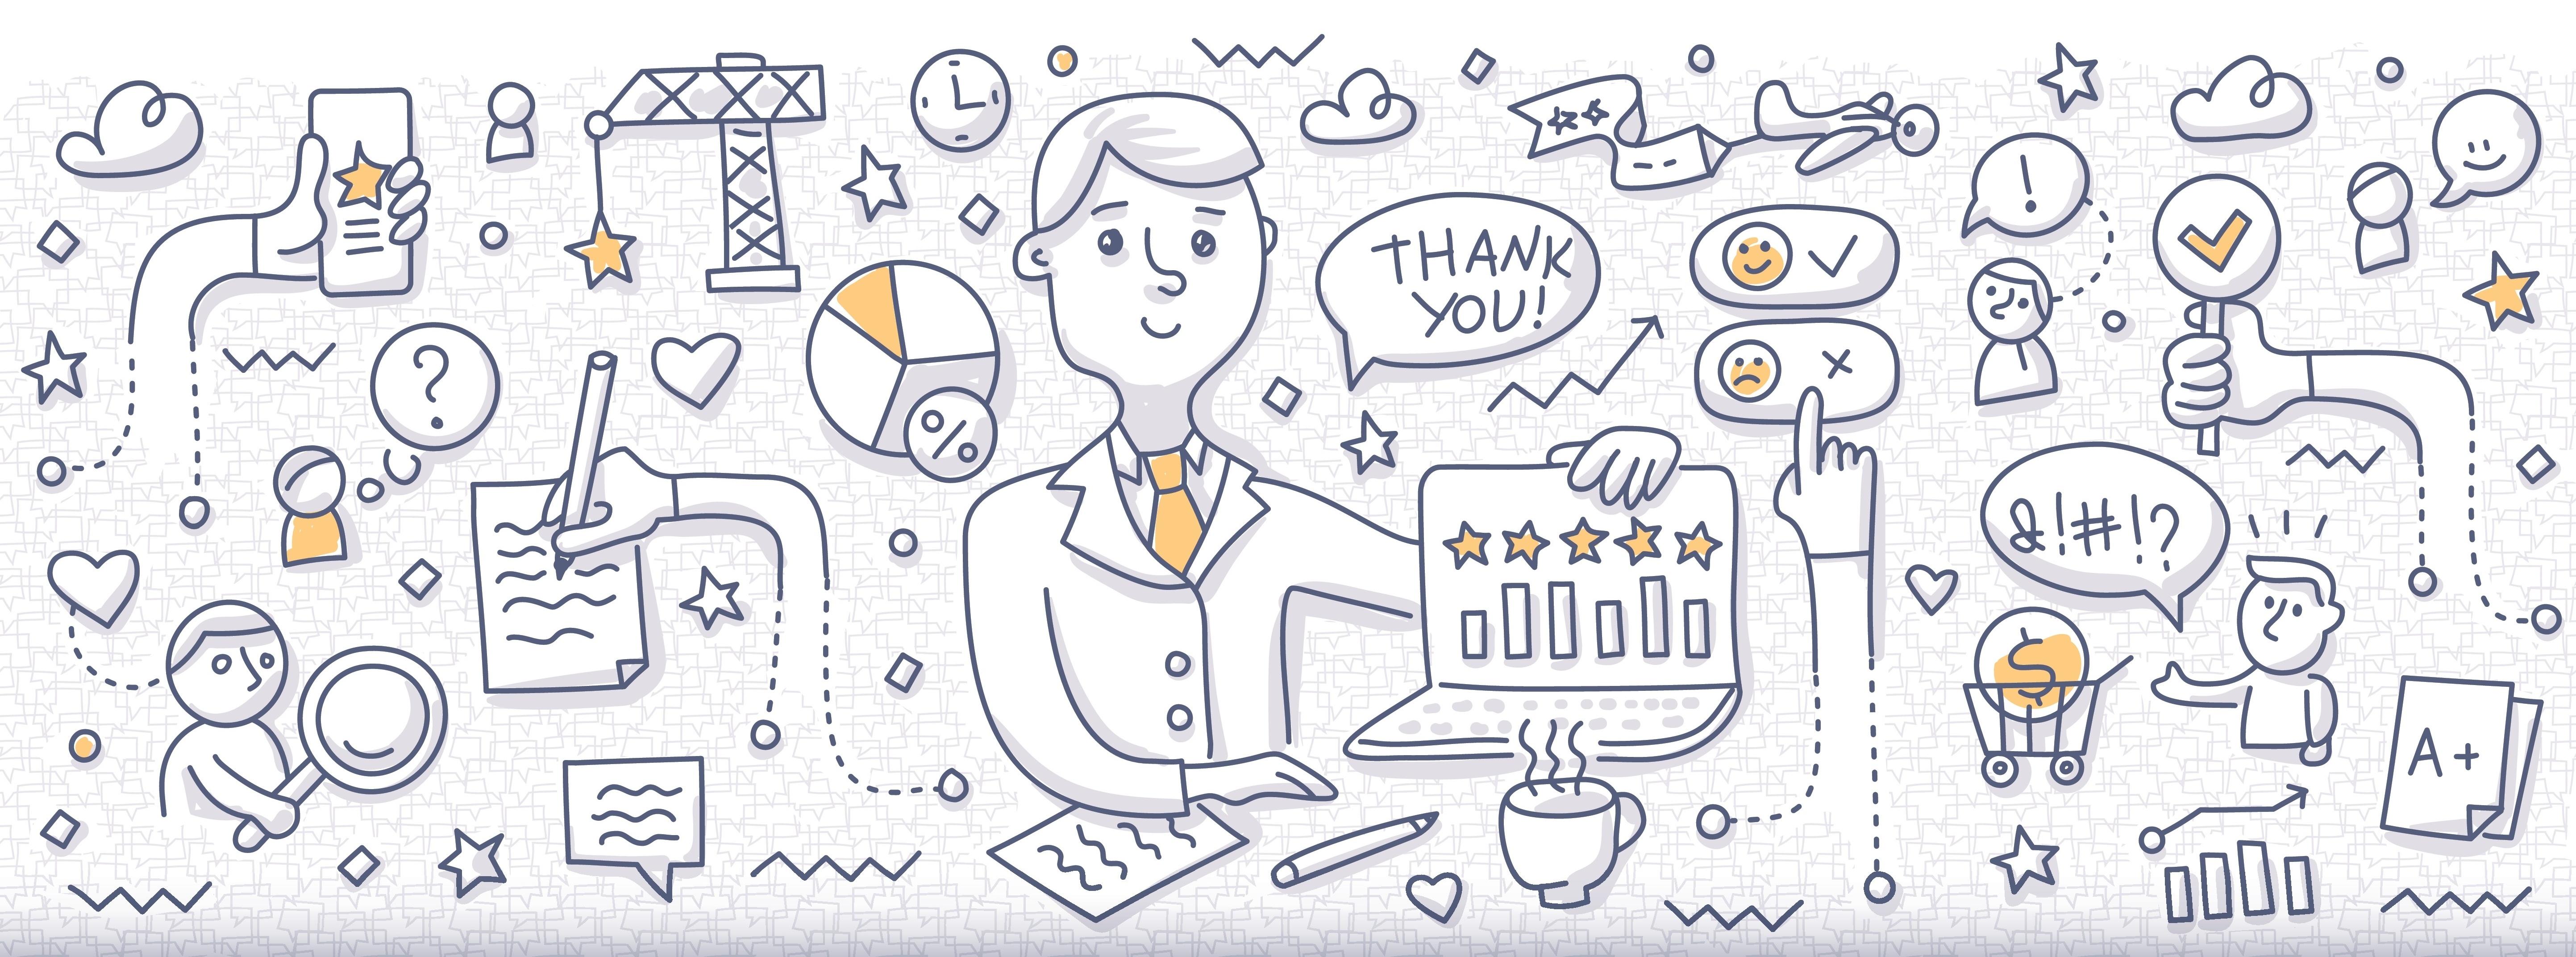 Cómo utilizar la publicidad digital para atraer nuevos clientes